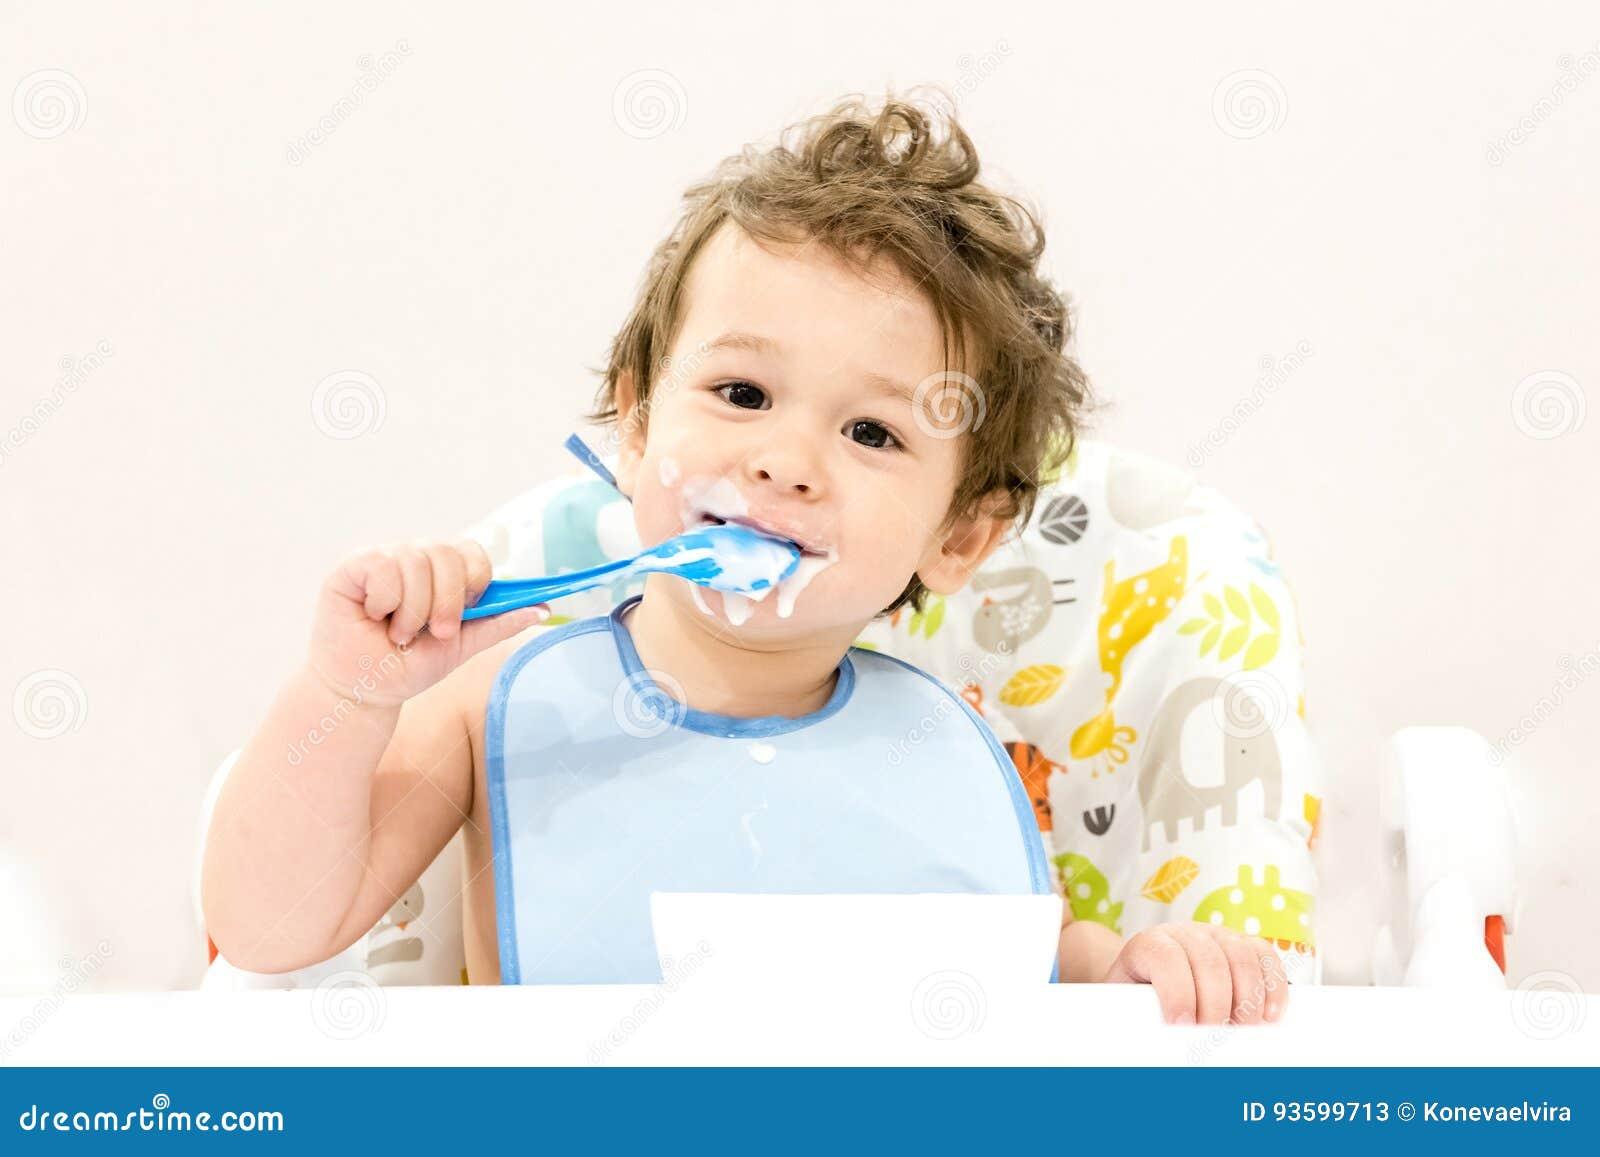 Το χαριτωμένο αγόρι μικρών παιδιών με το μπλε κουτάλι είναι γιαούρτι Τα χαμόγελα παιδιών αστείο παιδί σε ένα κάθισμα μωρών όμορφο